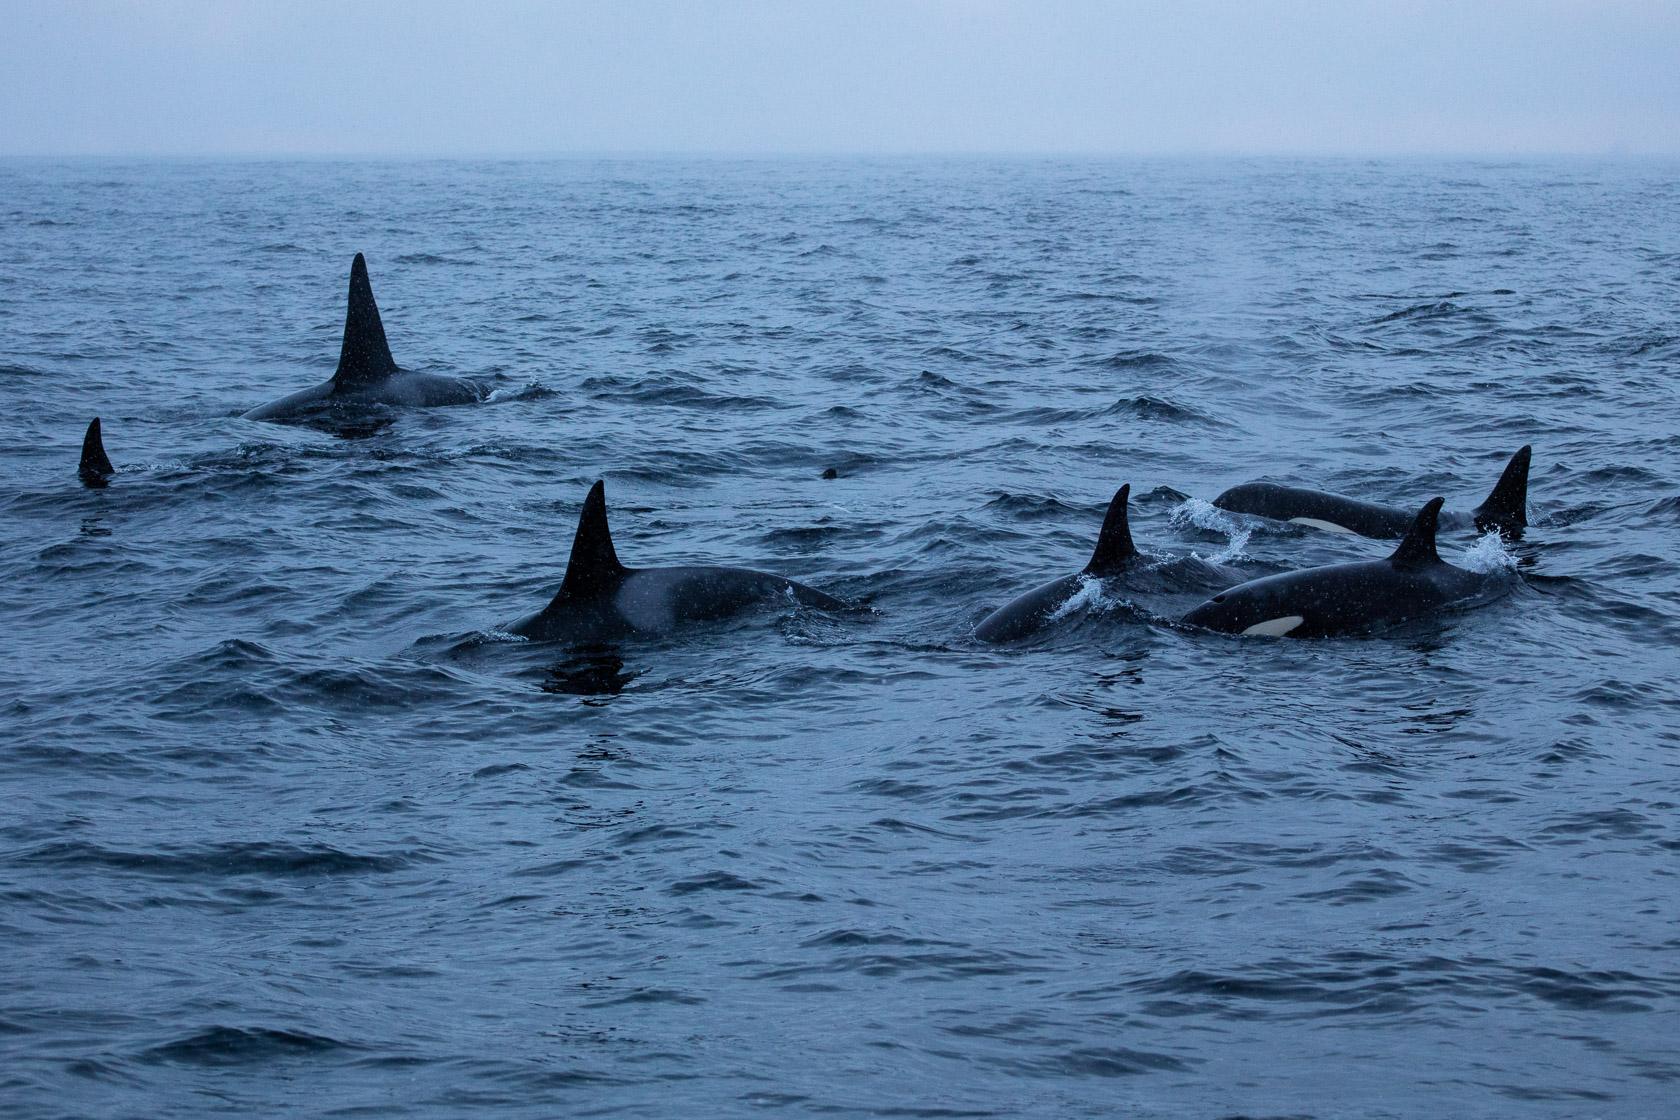 famille d'orques (Orcinus orca) au large de Senja, en Norvège